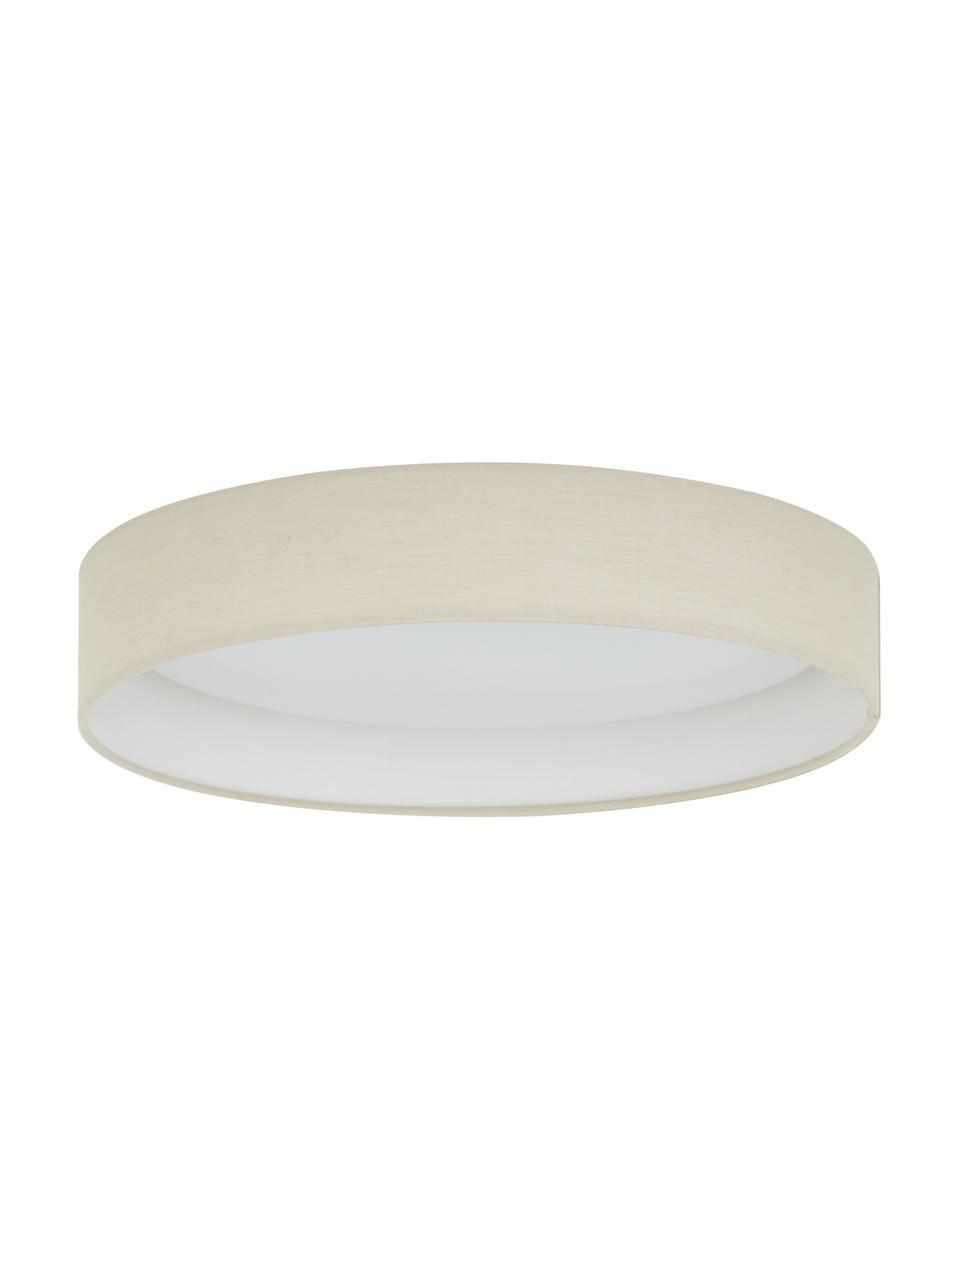 LED plafondlamp Helen, Frame: metaal, Diffuser: kunststof, Taupe, Ø 35 x H 7 cm